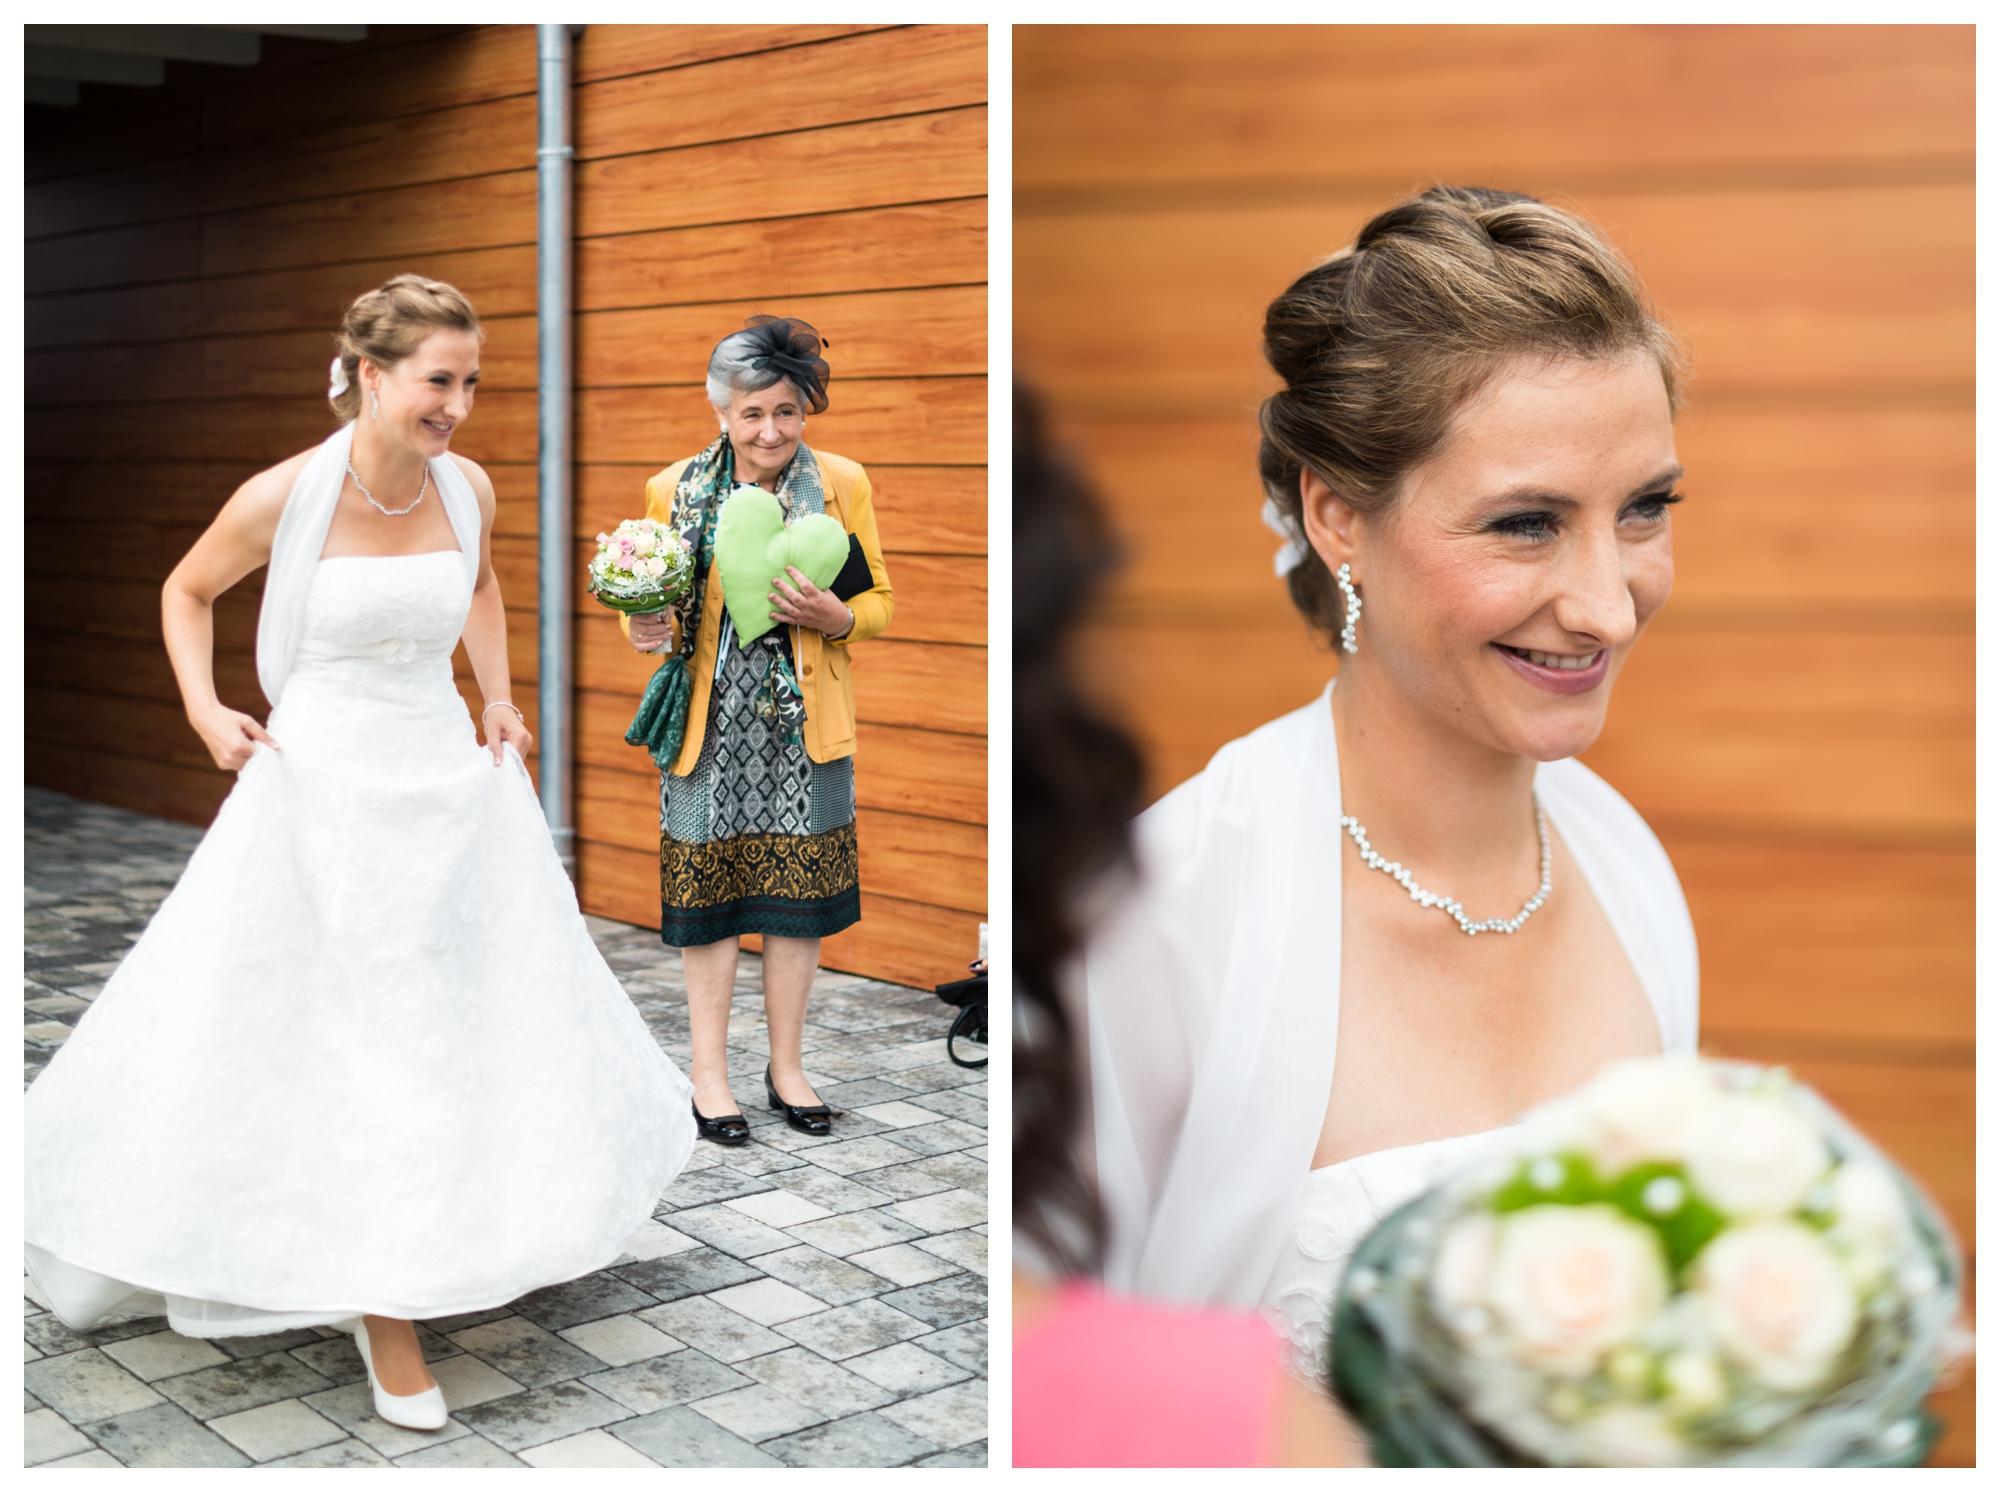 Fotograf Konstanz - Als Hochzeitsfotograf in Bad Dürrheim unterwegs  - 17 -